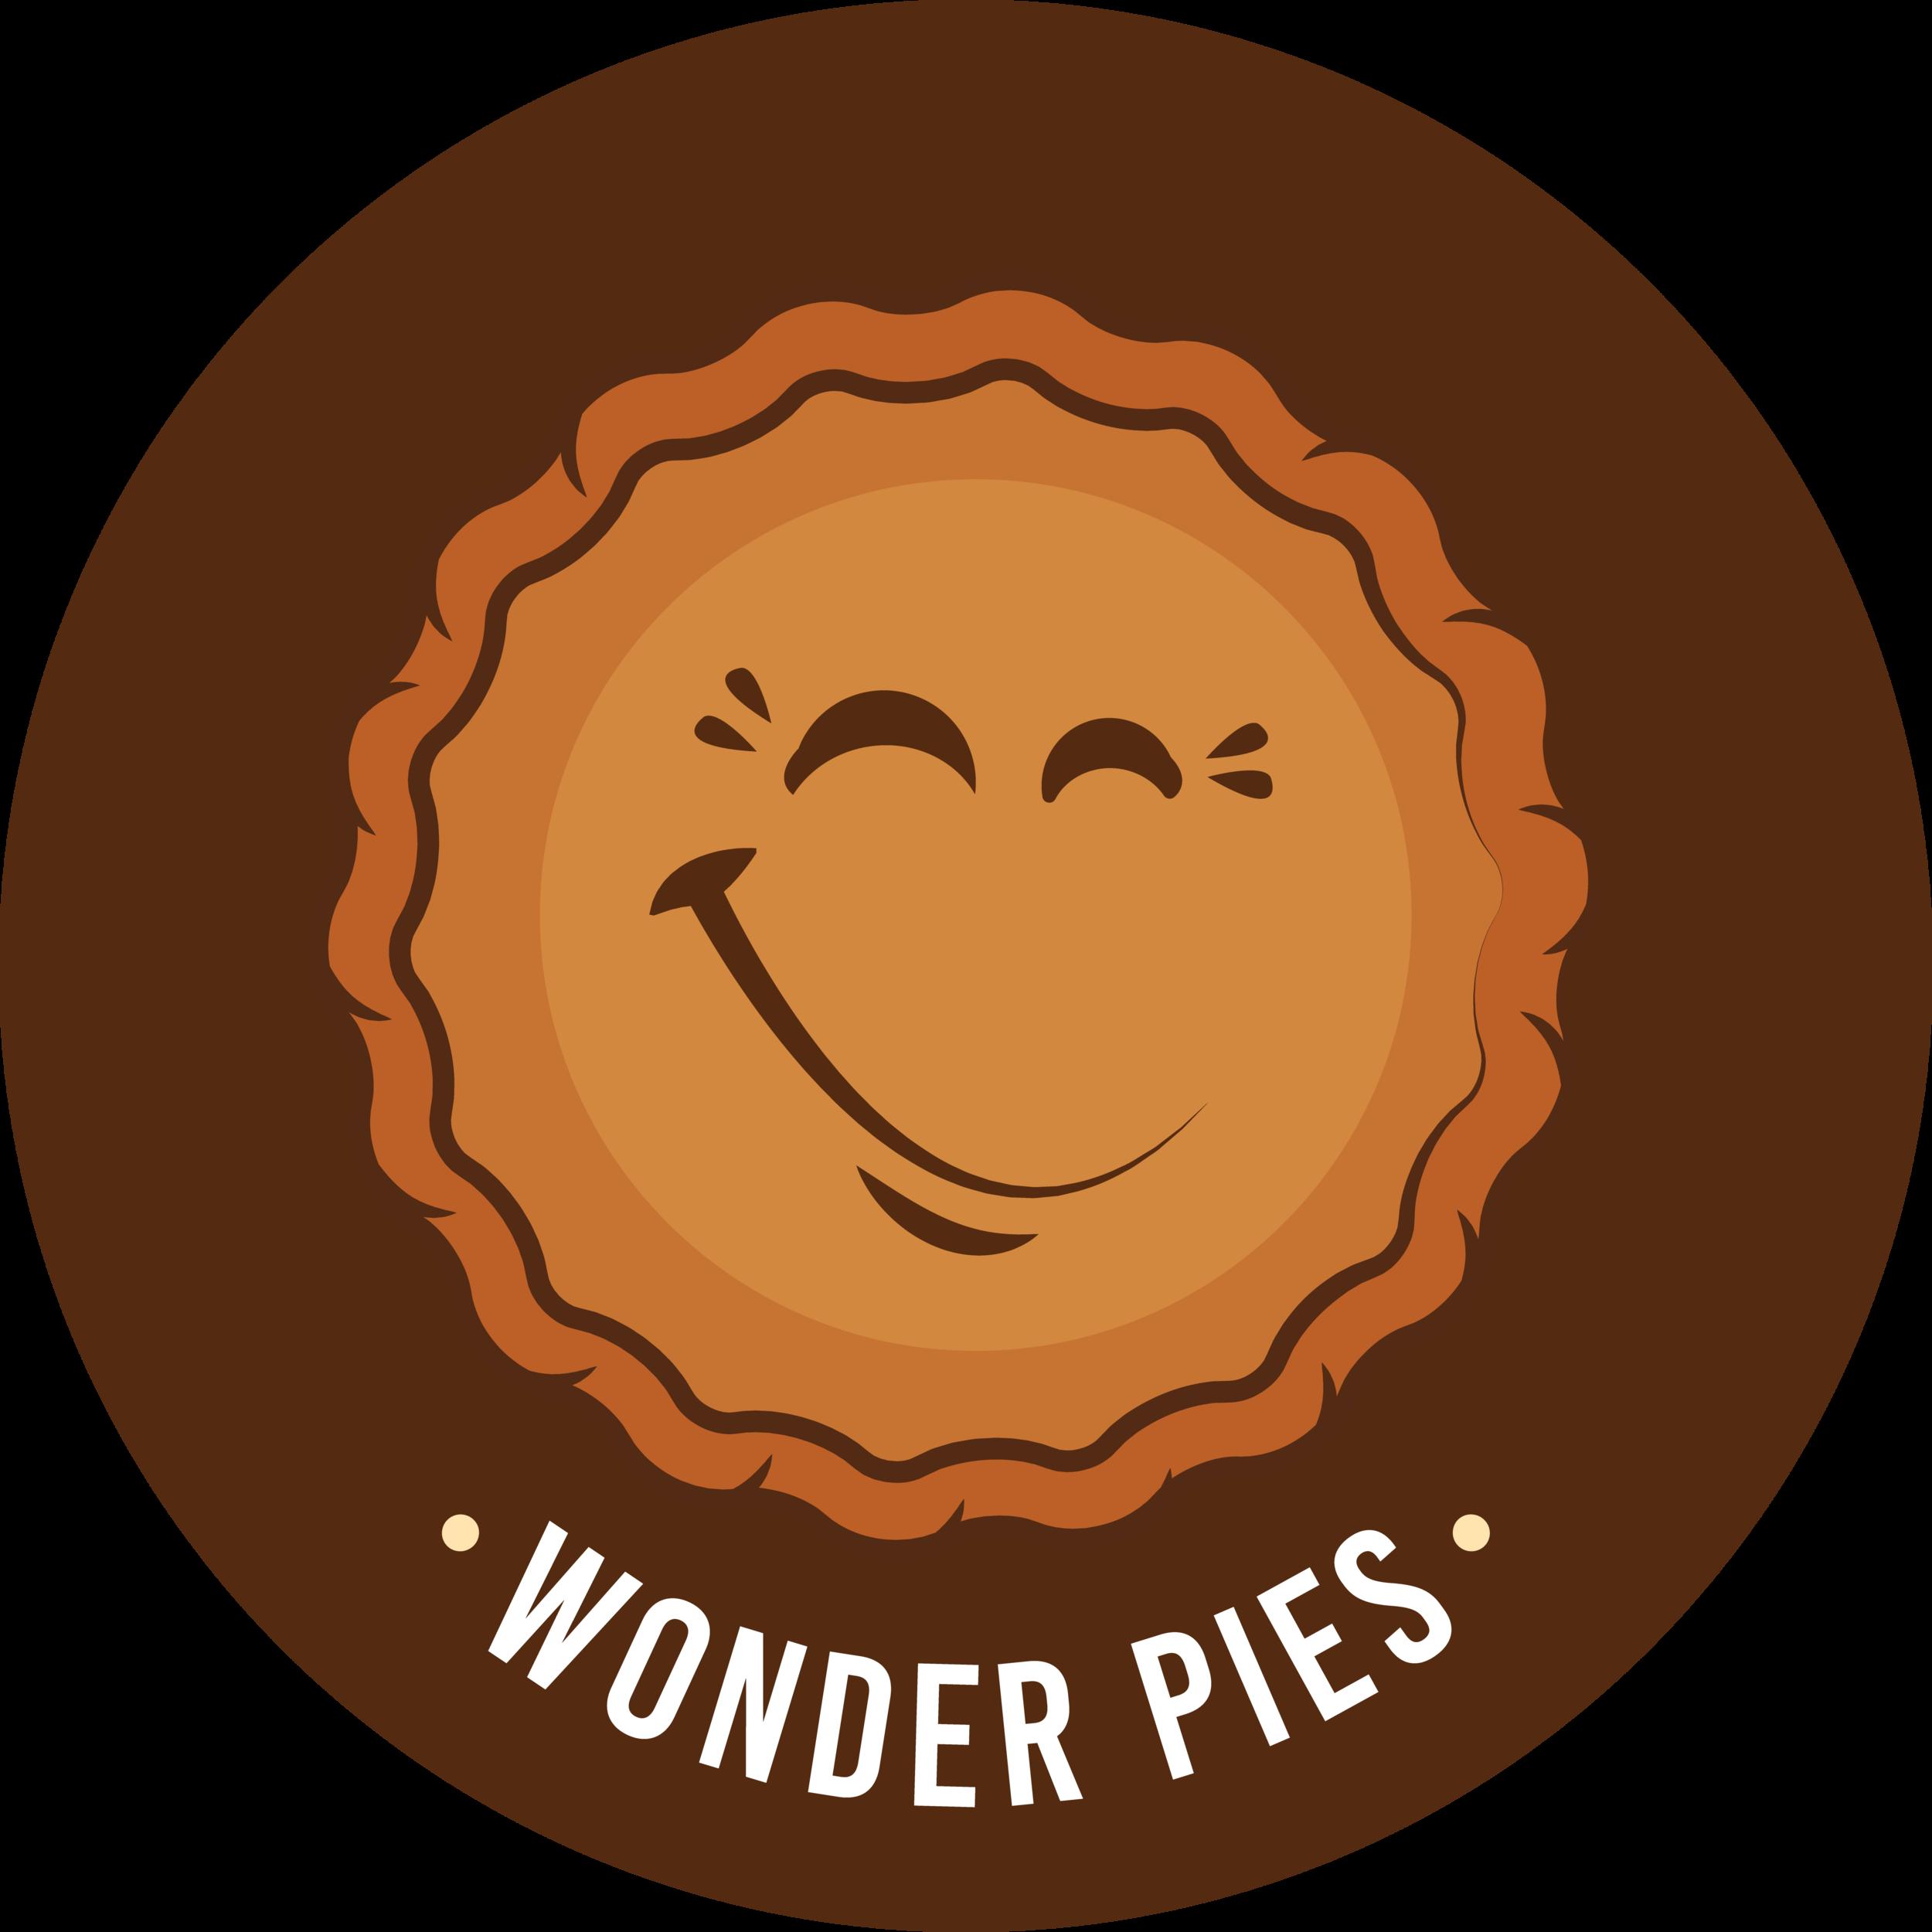 WonderPies_UpdatedLogo.png